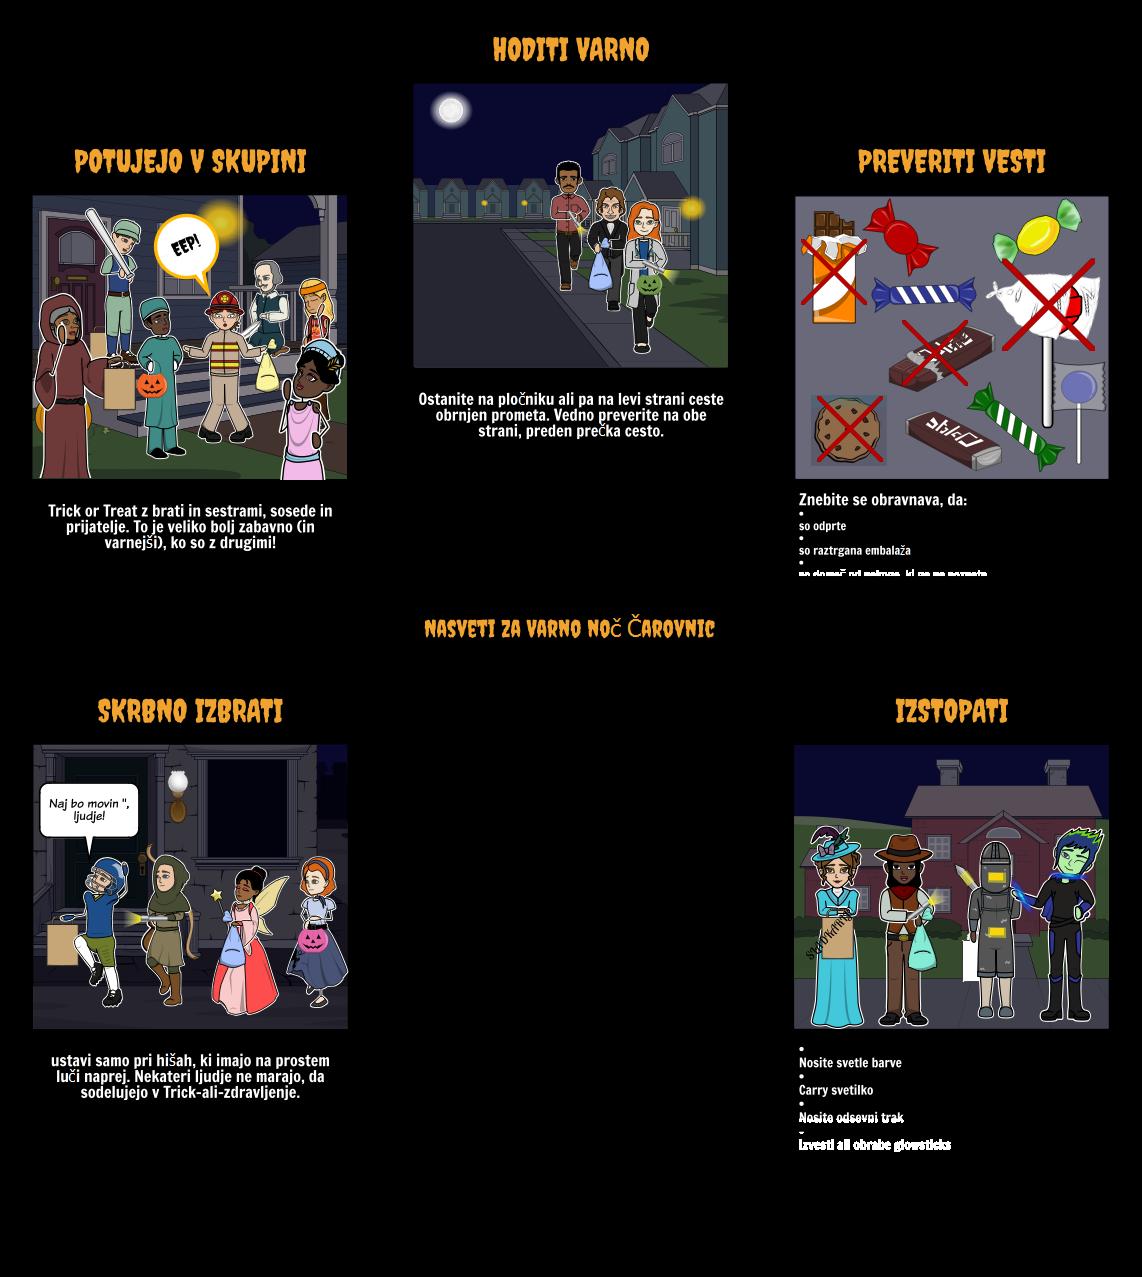 Halloween Dejavnosti - Varnost